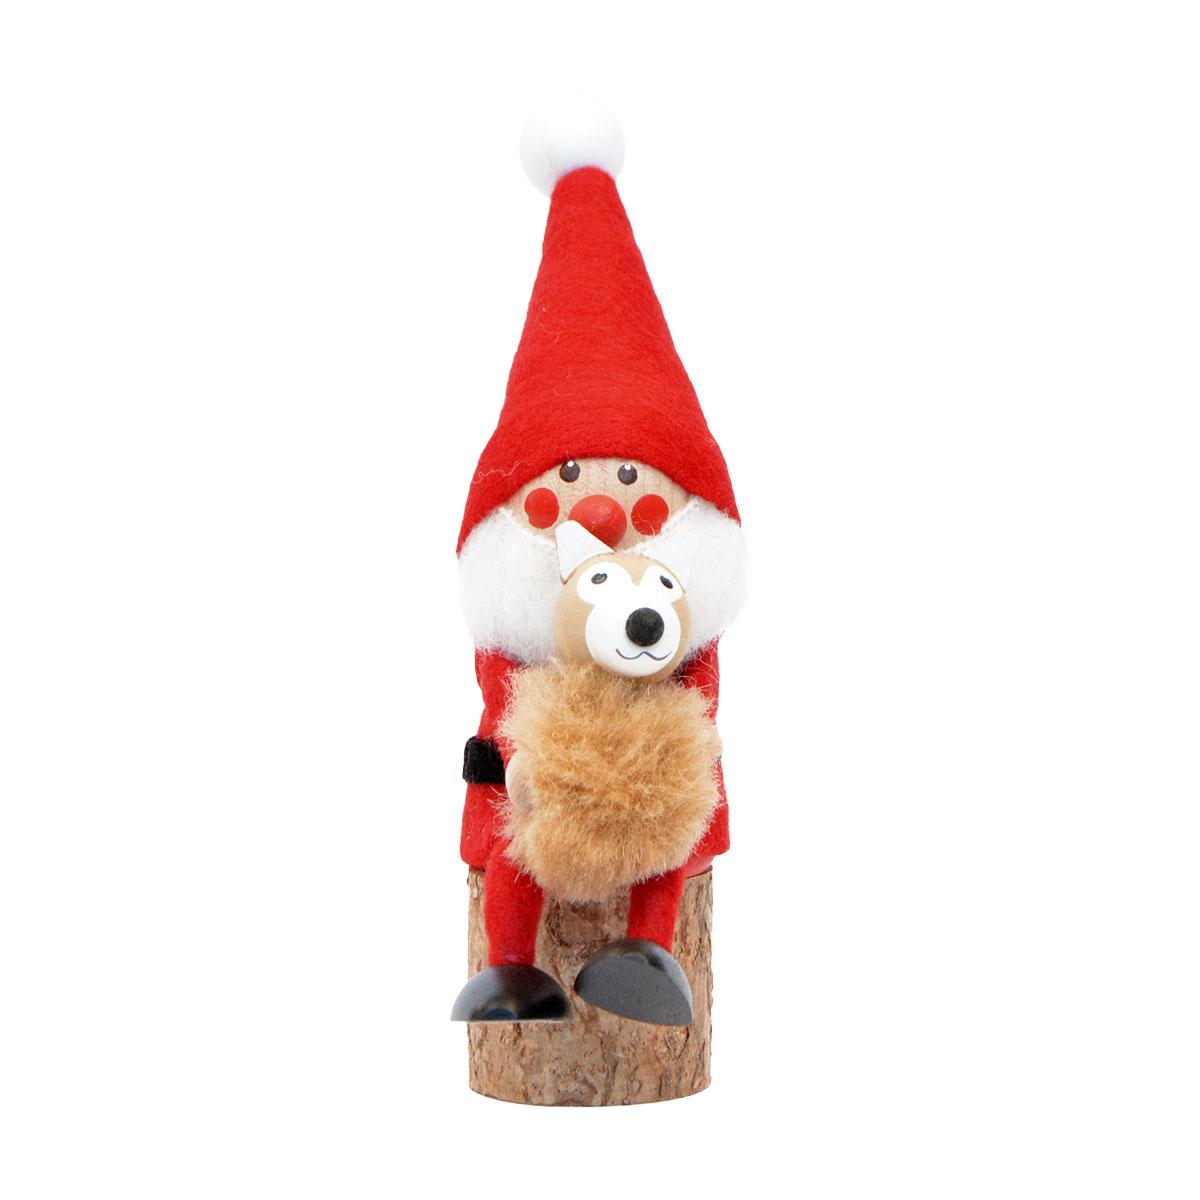 北欧雑貨 北欧クリスマス 木製人形 置物 オーナメント NORDIKA nisse ノルディカニッセ 激安挑戦中 イヌを抱えるサンタ NRD120569 楽ギフ_メッセ入力 楽ギフ_包装 ニッセ 春の新作続々 クリスマス ノルディカ